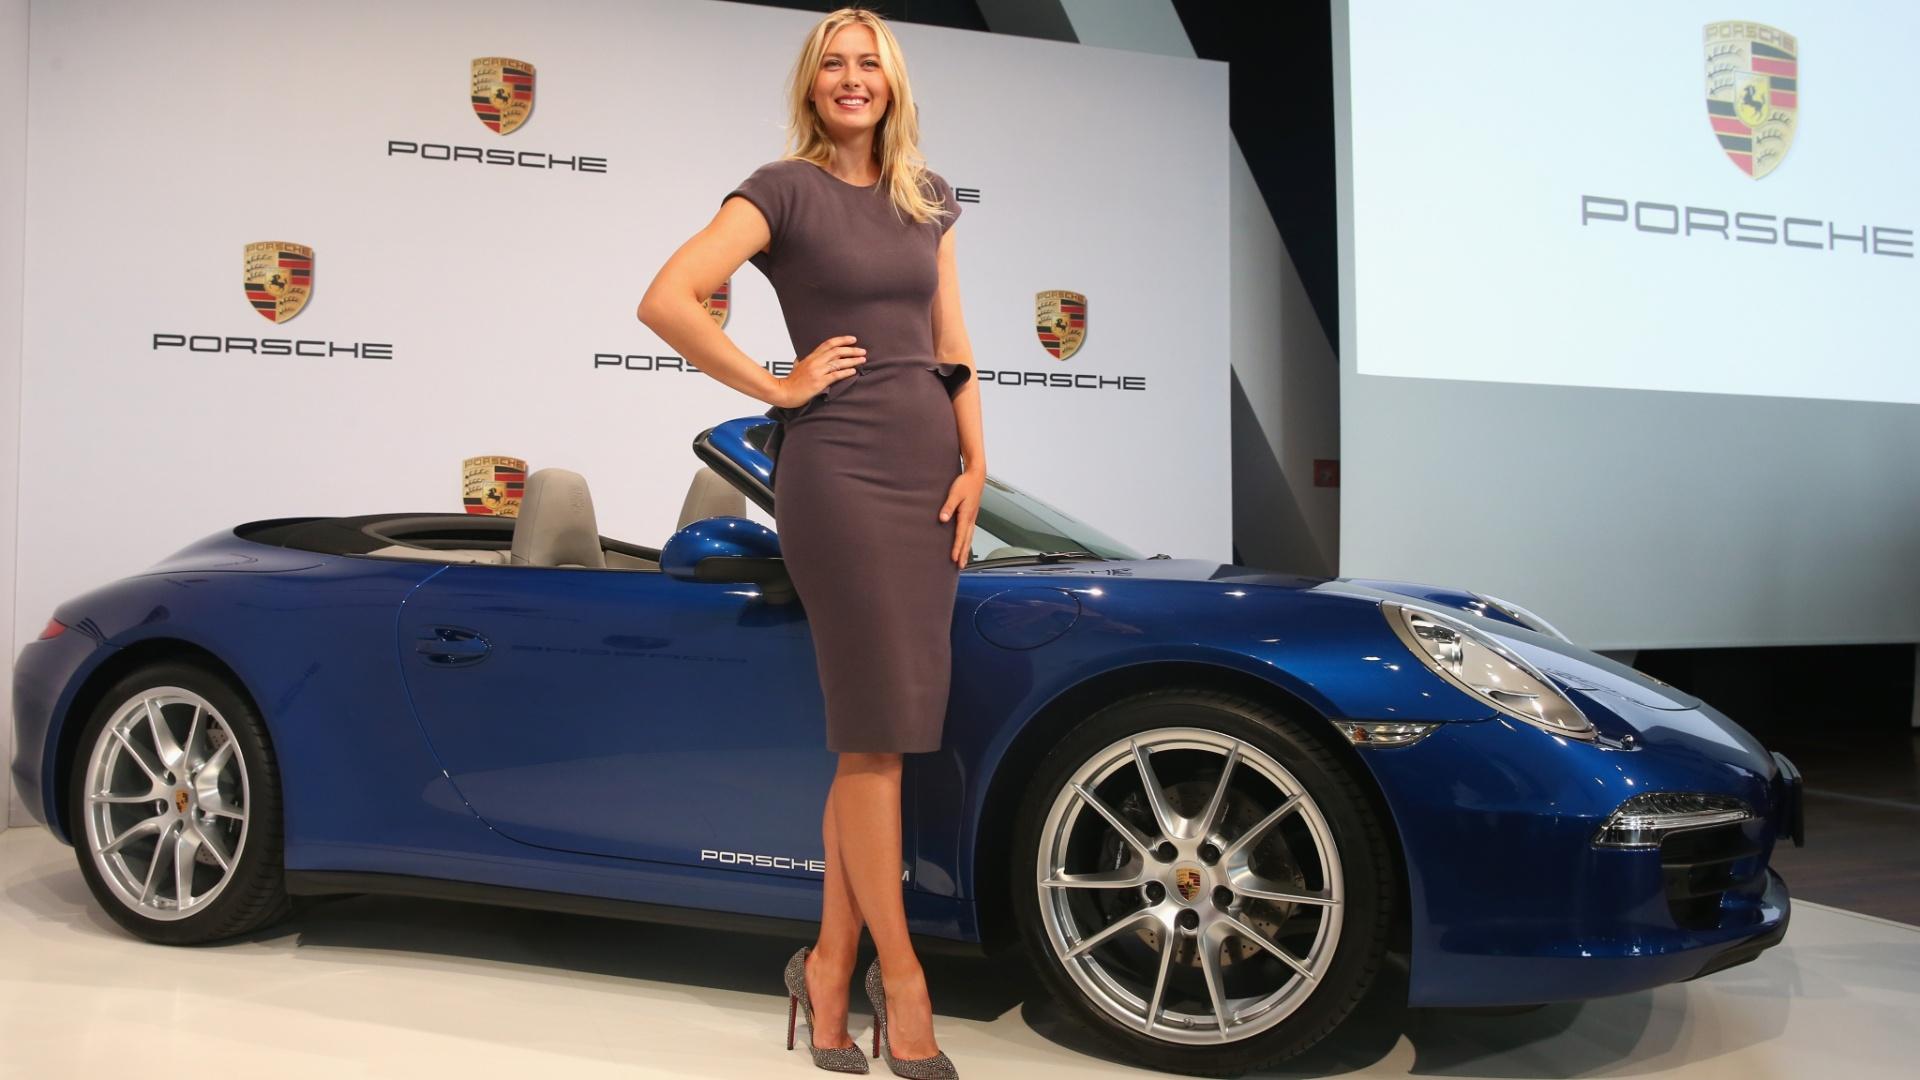 22.abr.2013 - Maria Sharapova anuncia que é a nova garota-propaganda da Porsche, em evento na Alemanha